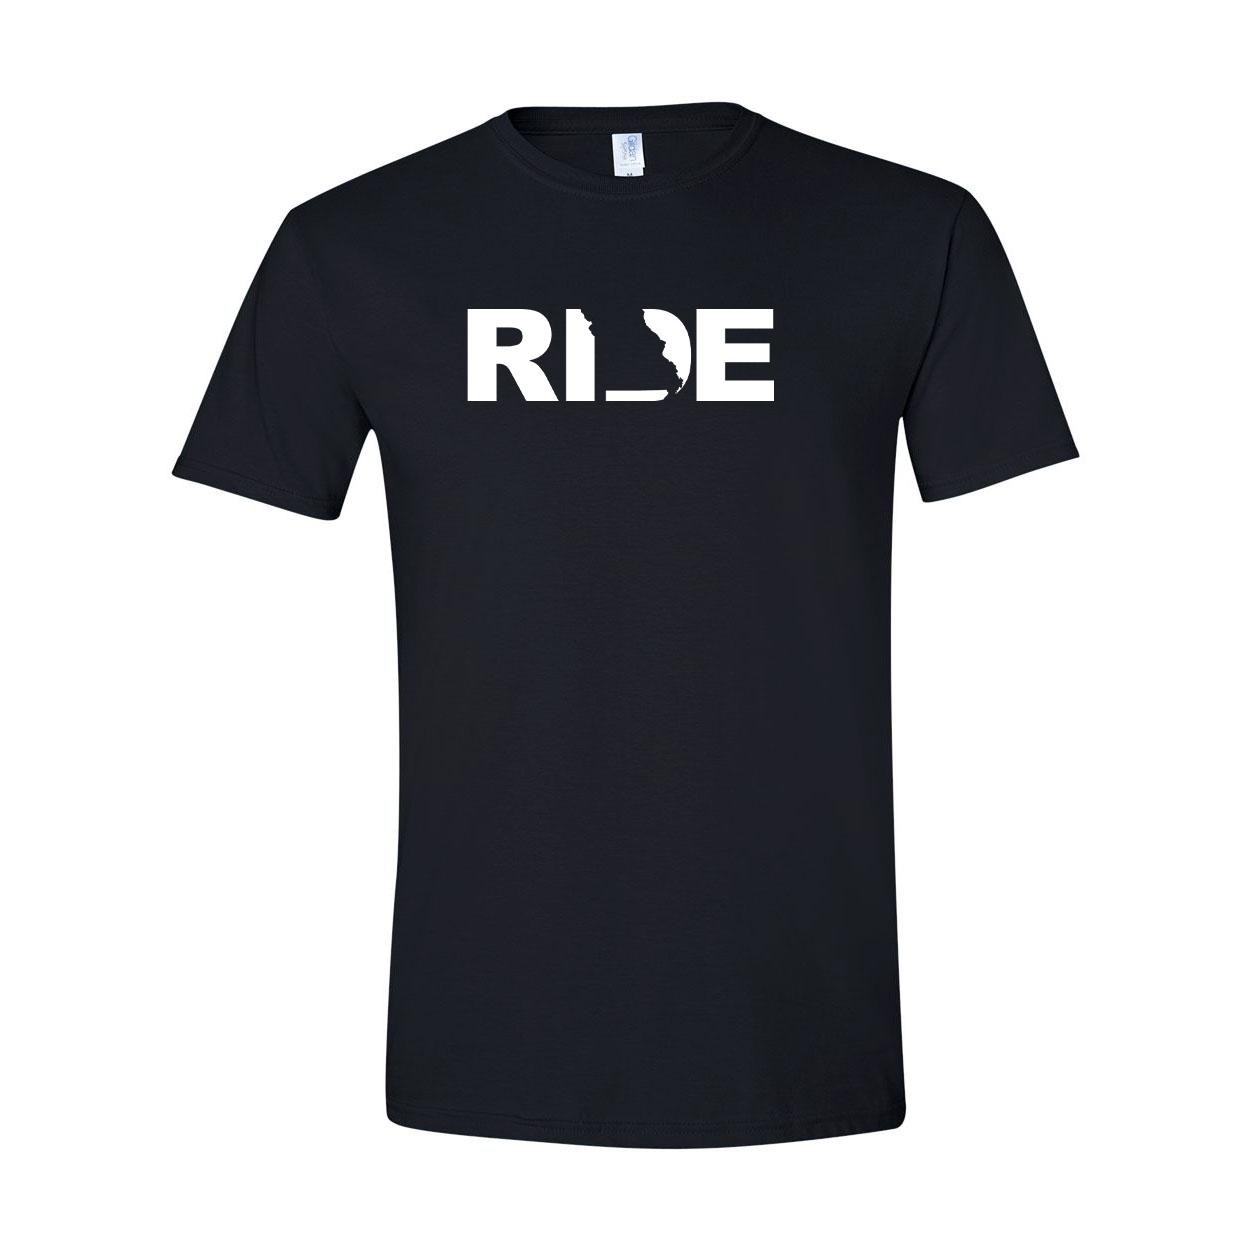 Ride Missouri Classic T-Shirt Black (White Logo)